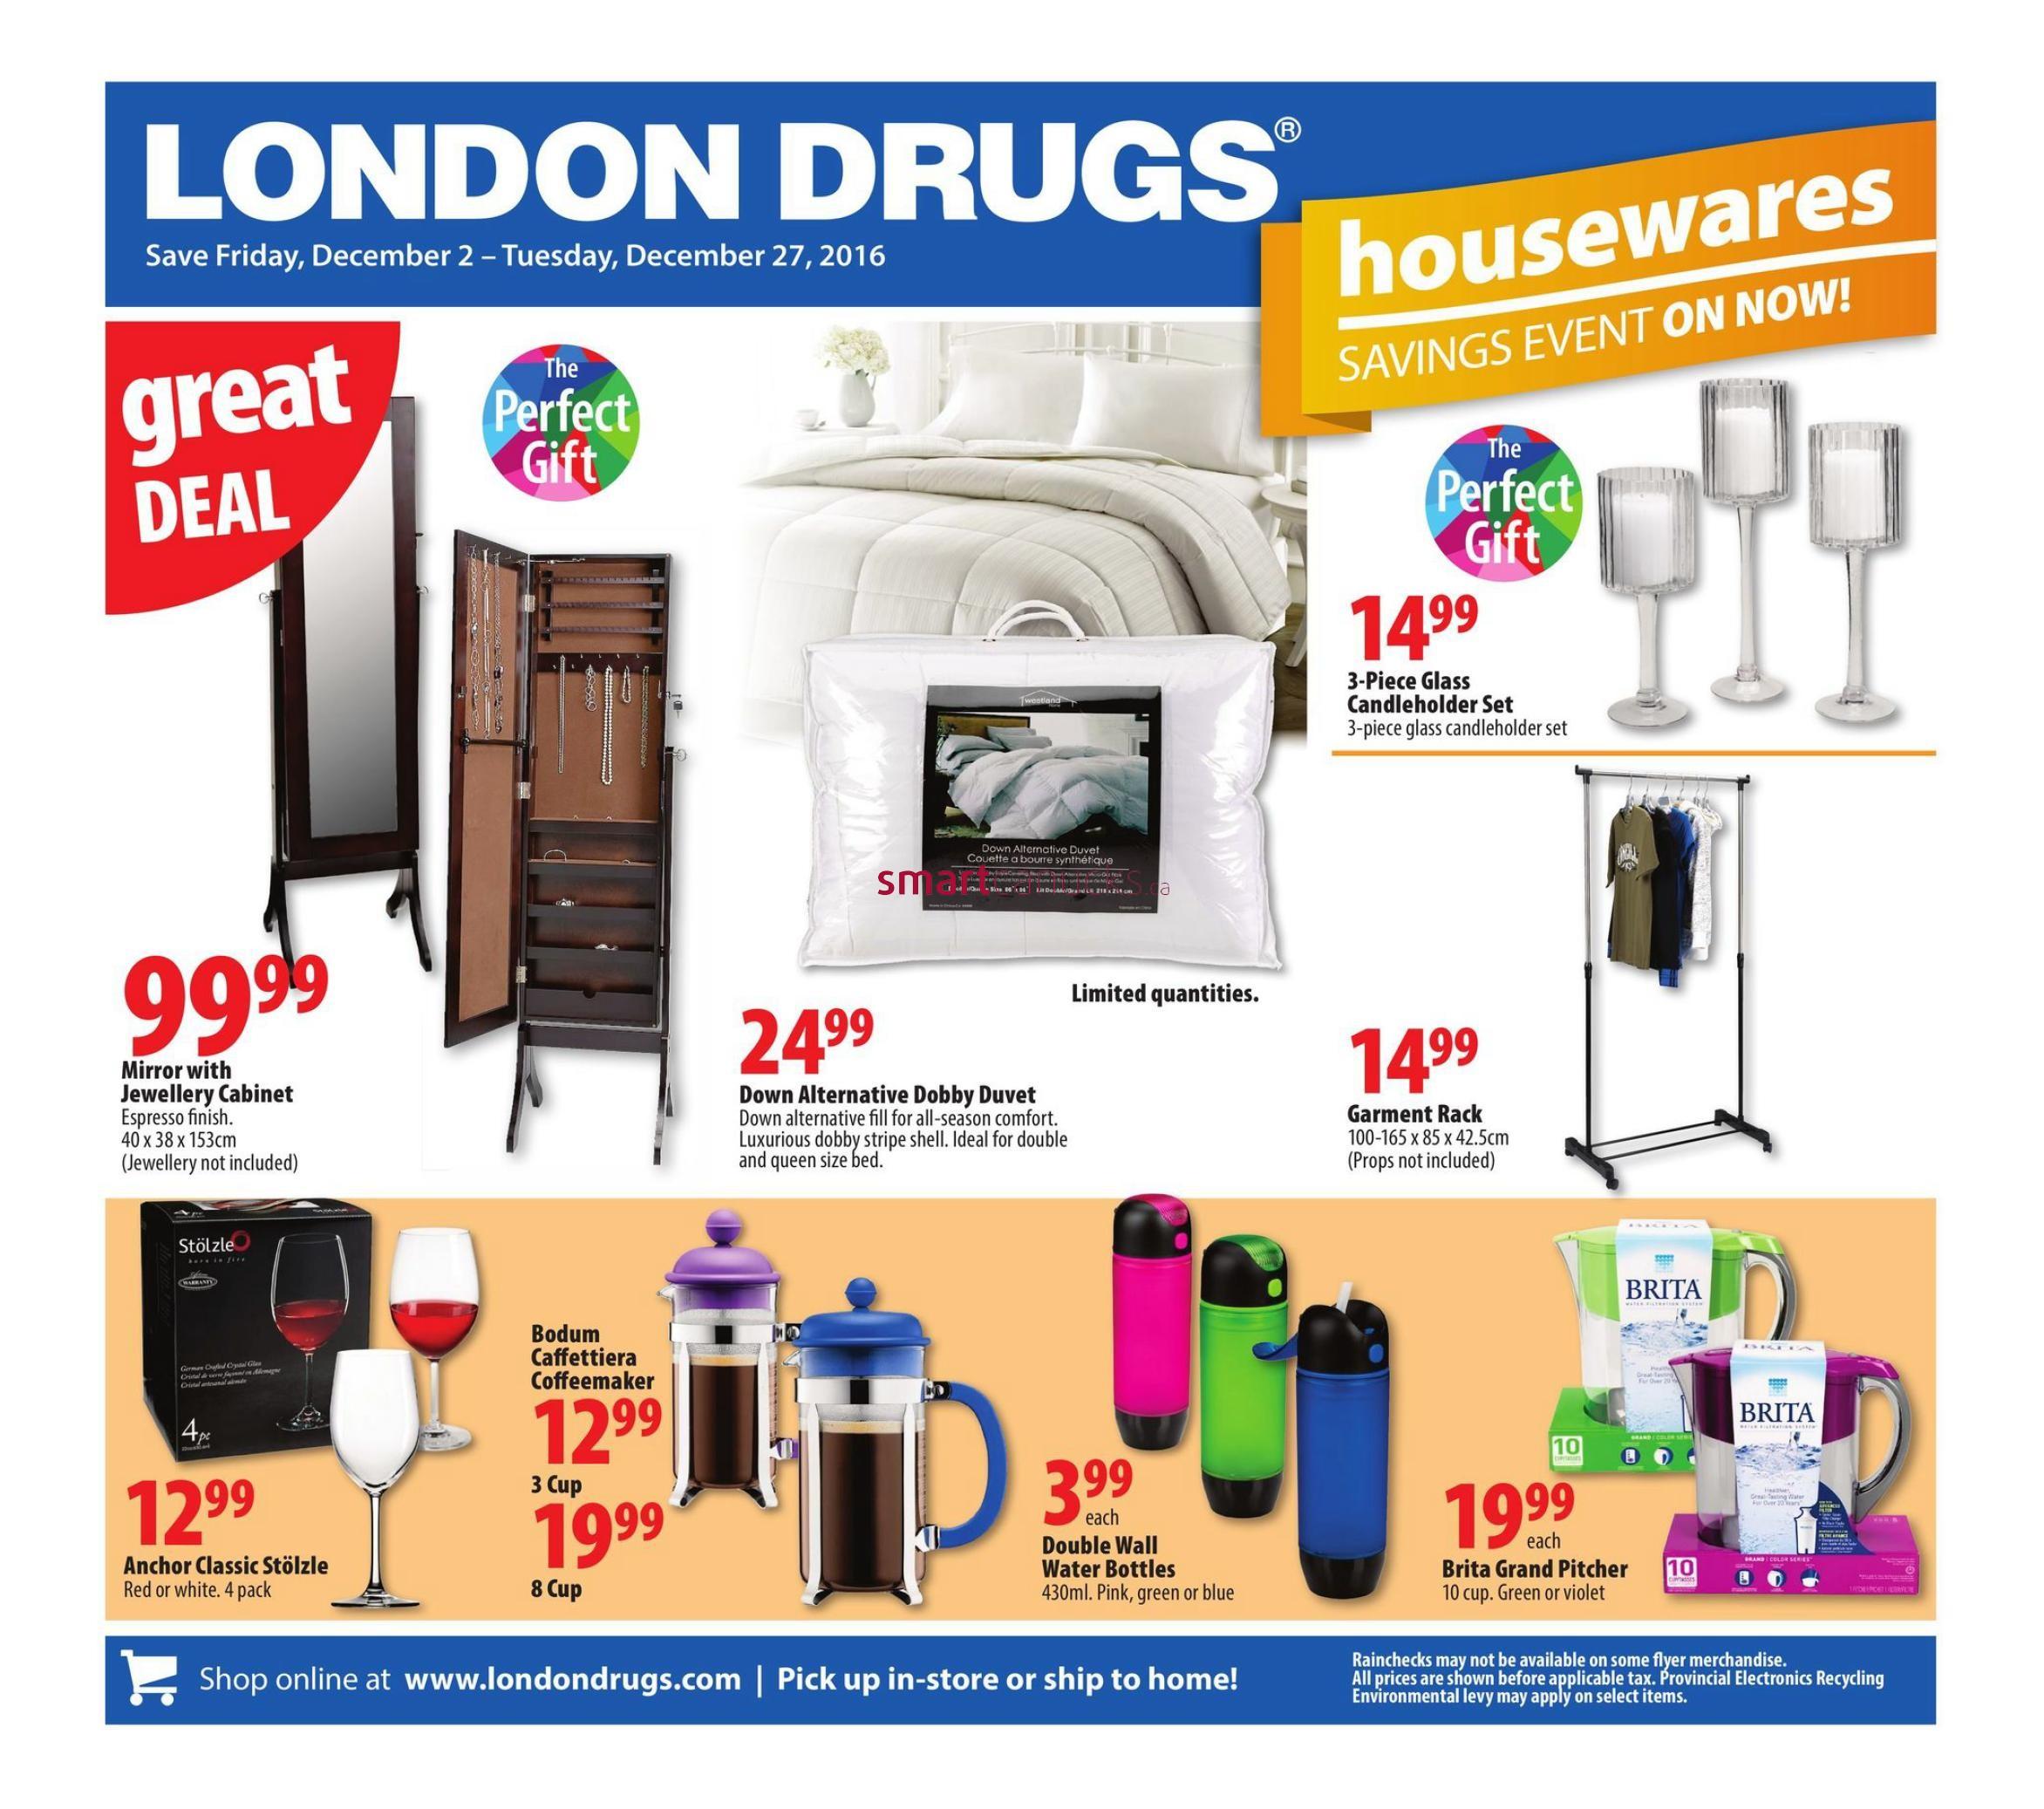 London drugs coupon code june 2018